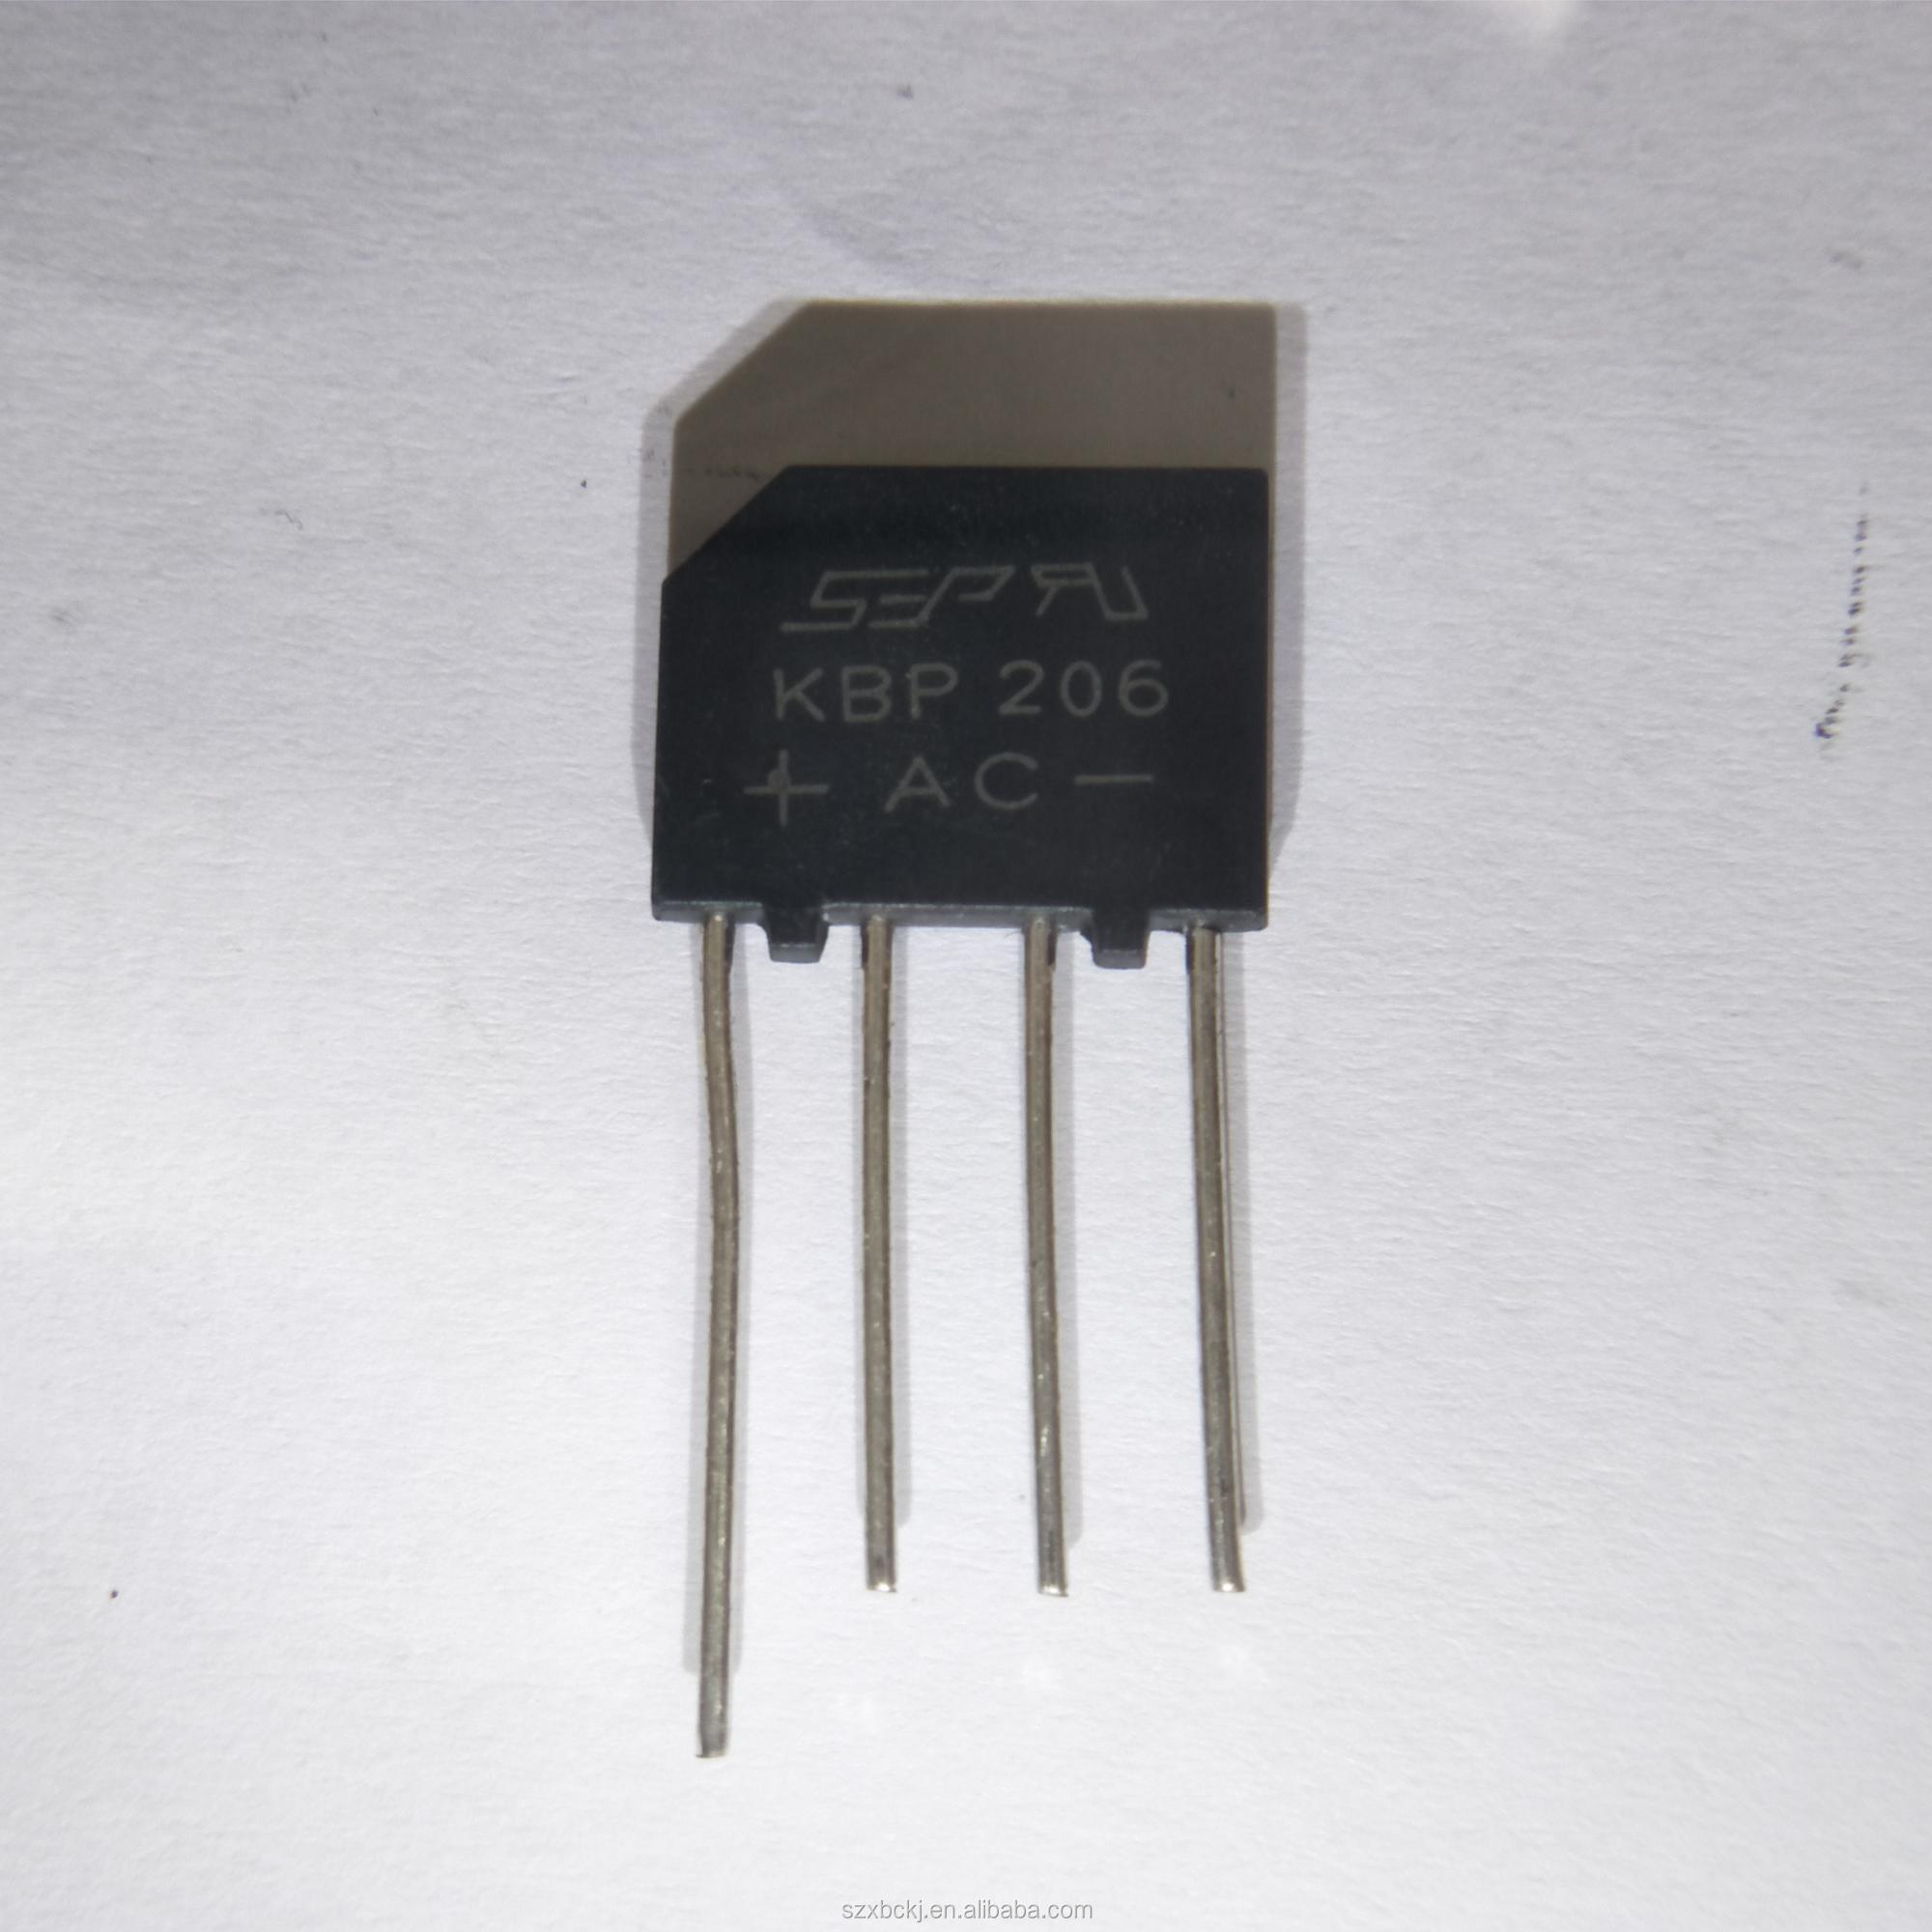 Catlogo De Fabricantes Puente Rectificador Kbp206 Alta Schottky Diodeelectronic Componentsrectifier Diodes Product On Calidad Y En Alibabacom